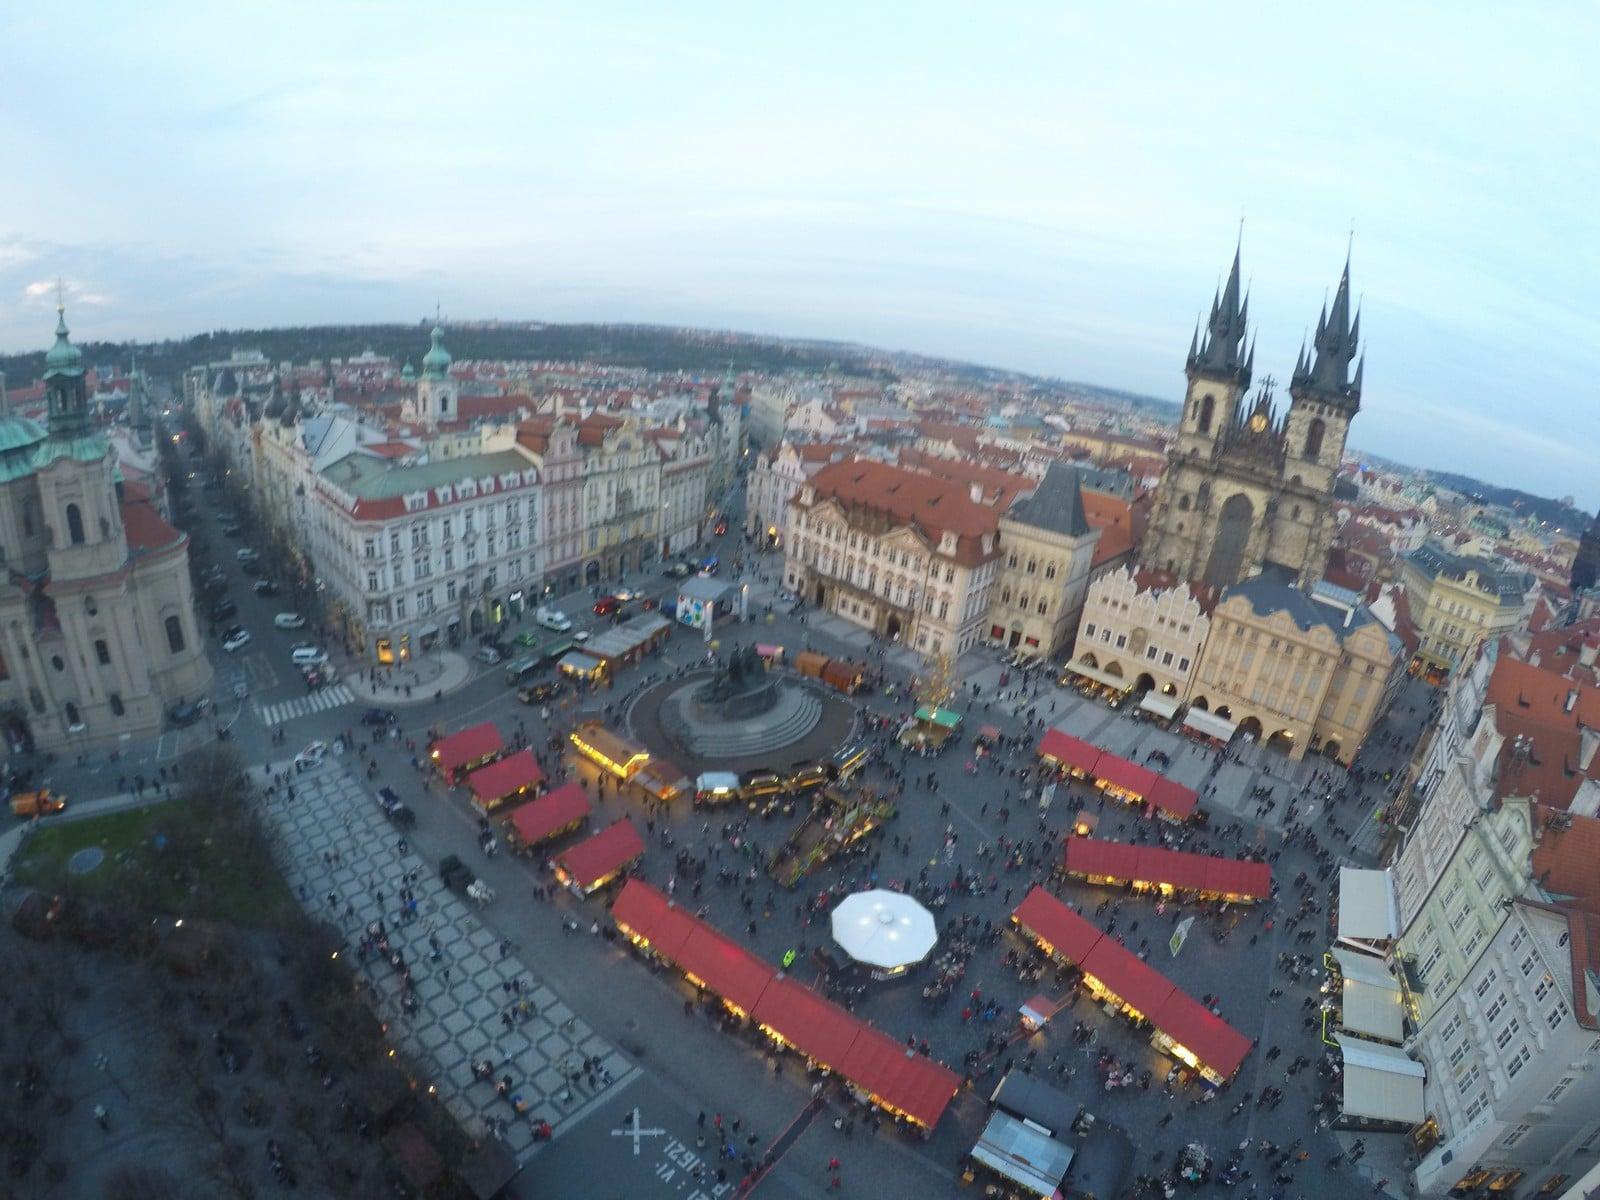 Şehir merkezindeki Pragdaki en iyi oteller: inceleme, açıklama, değerlendirme ve yorumlar